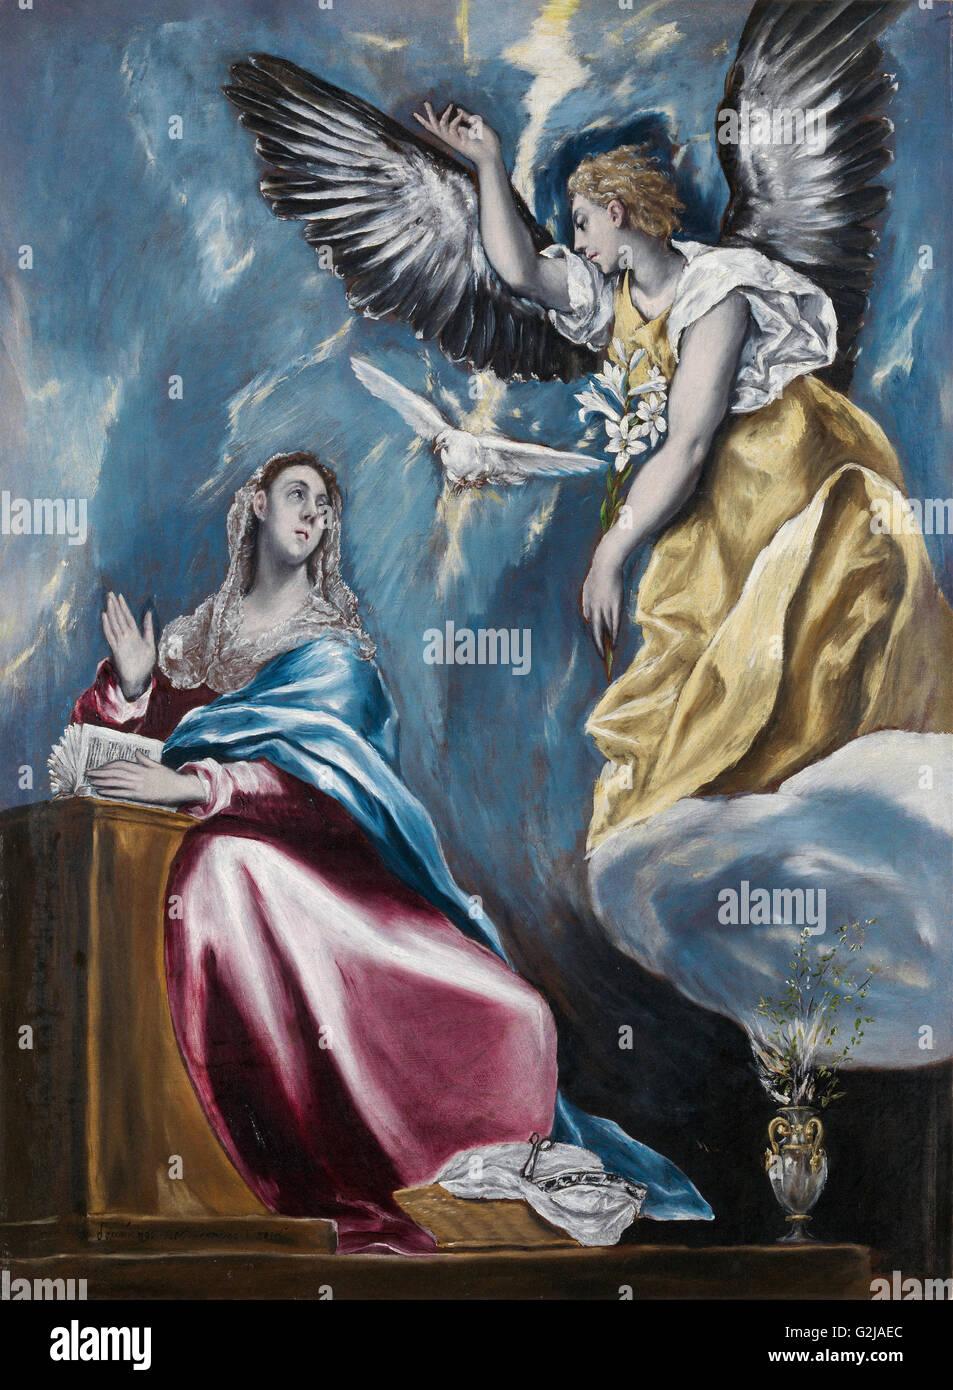 El Greco - Annunciazione - Museo di Belle Arti di Budapest Immagini Stock